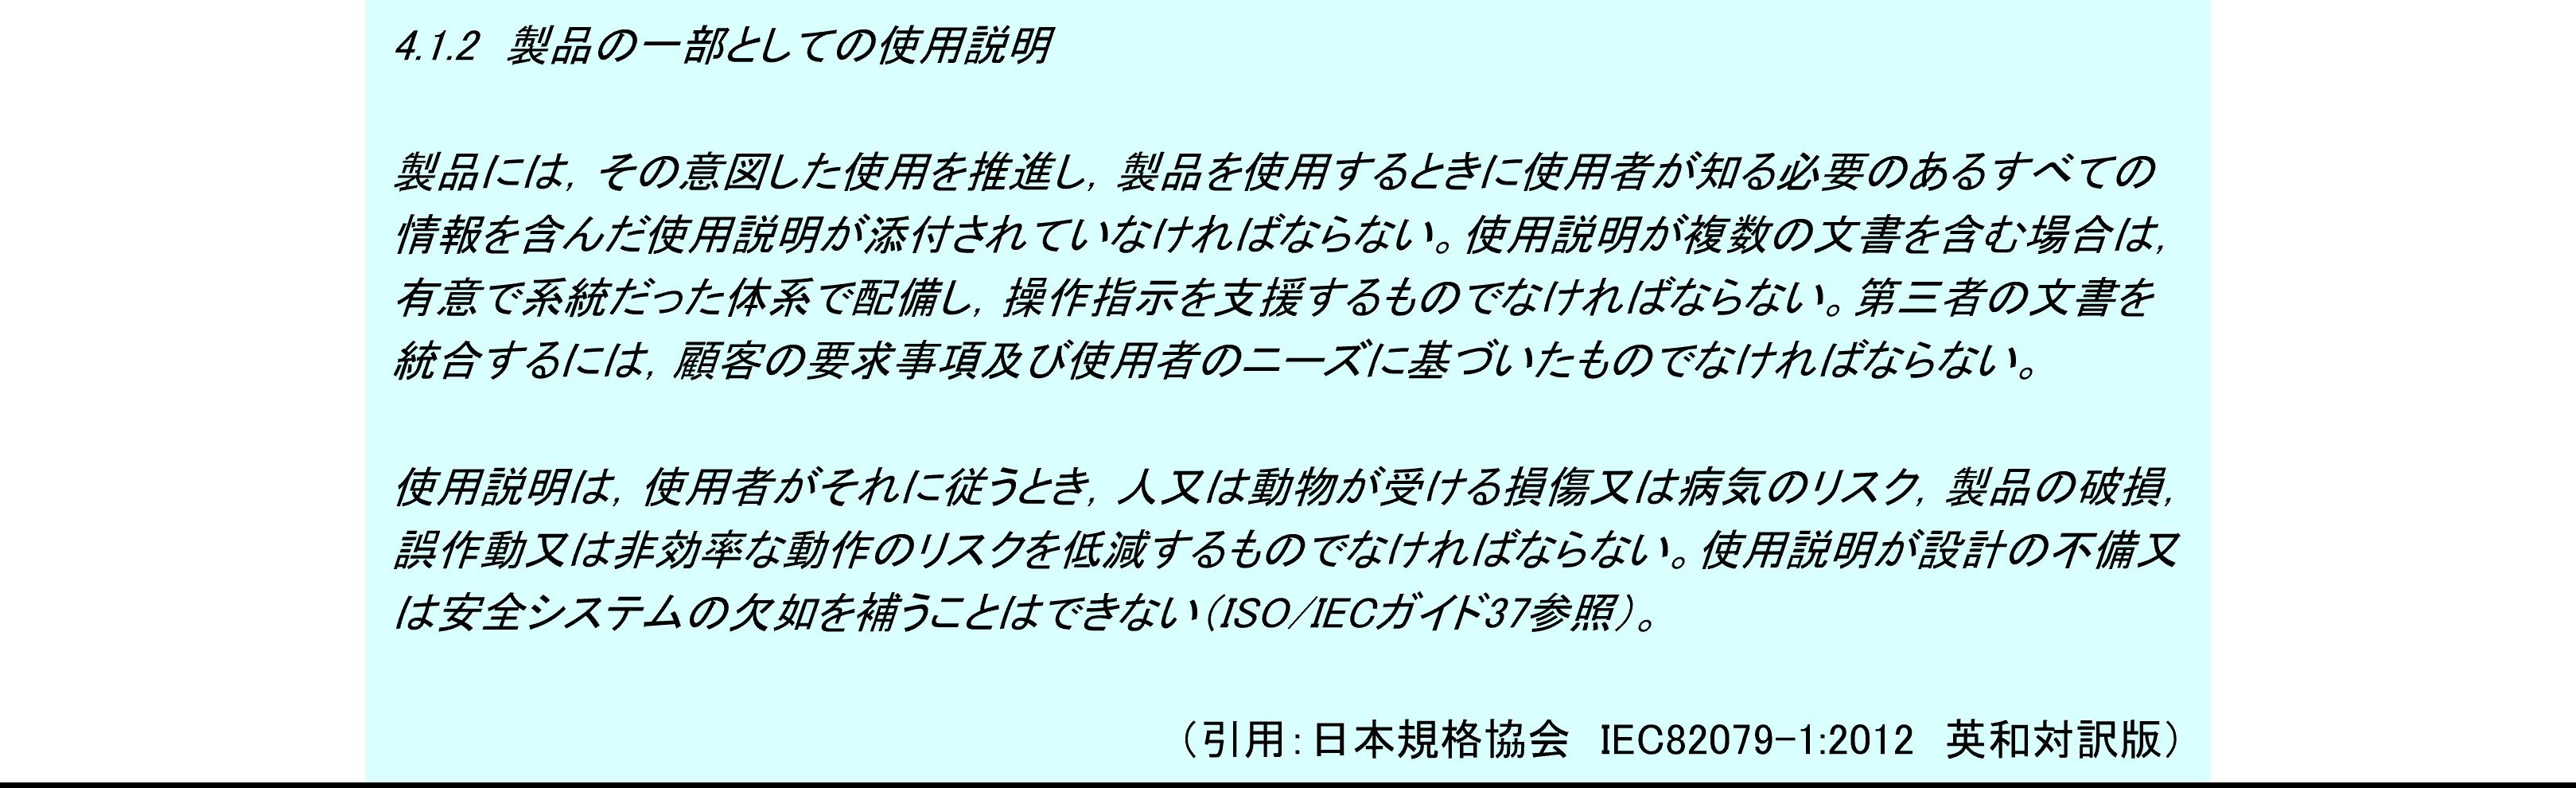 2012の内容